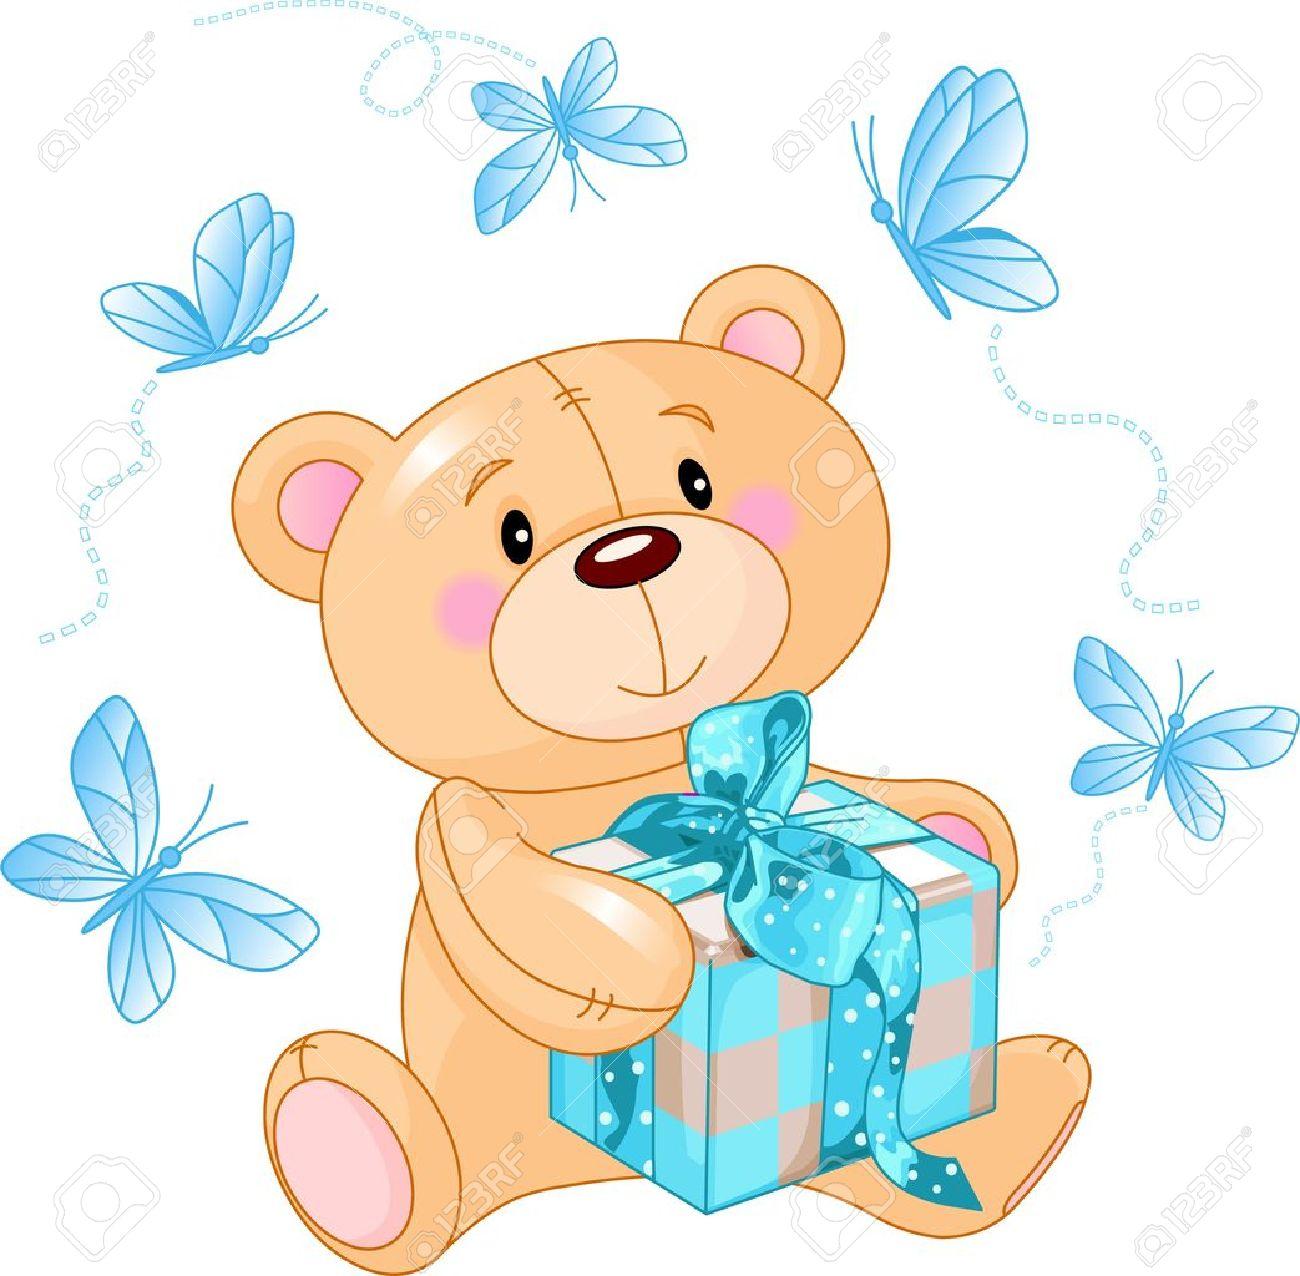 Cute Teddy Bear sitting with blue gift box.